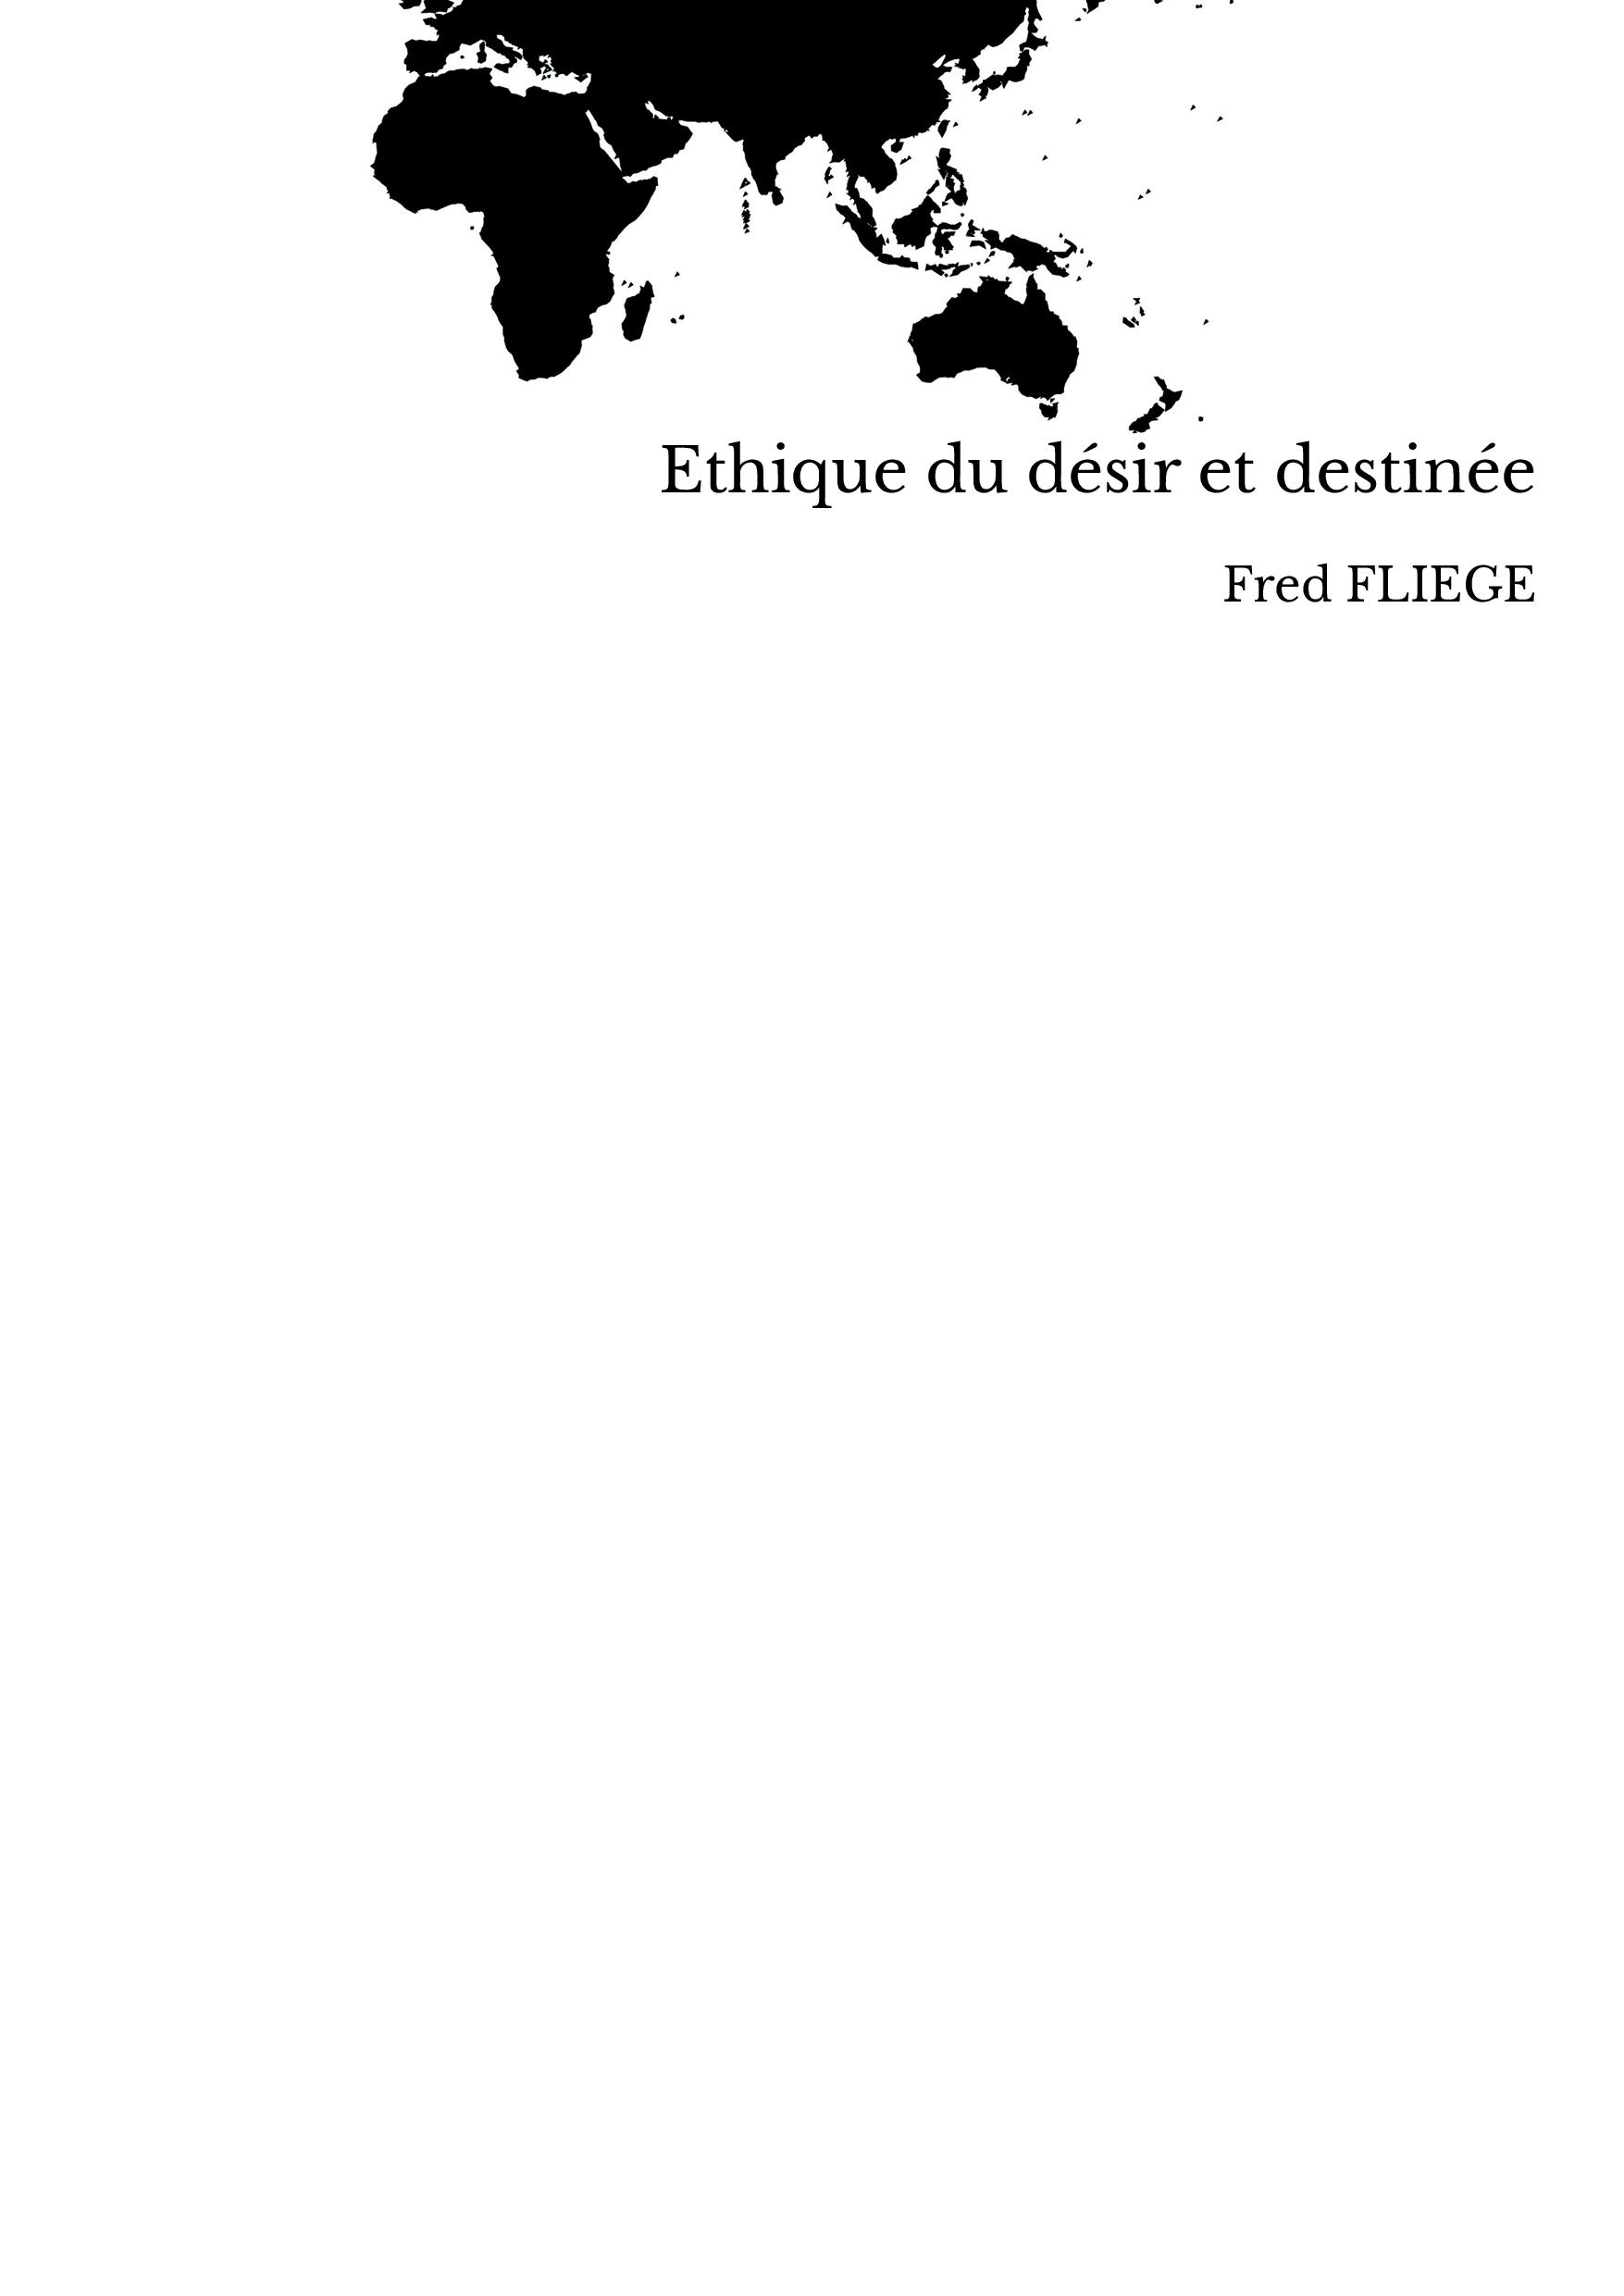 Ethique du désir et destinée